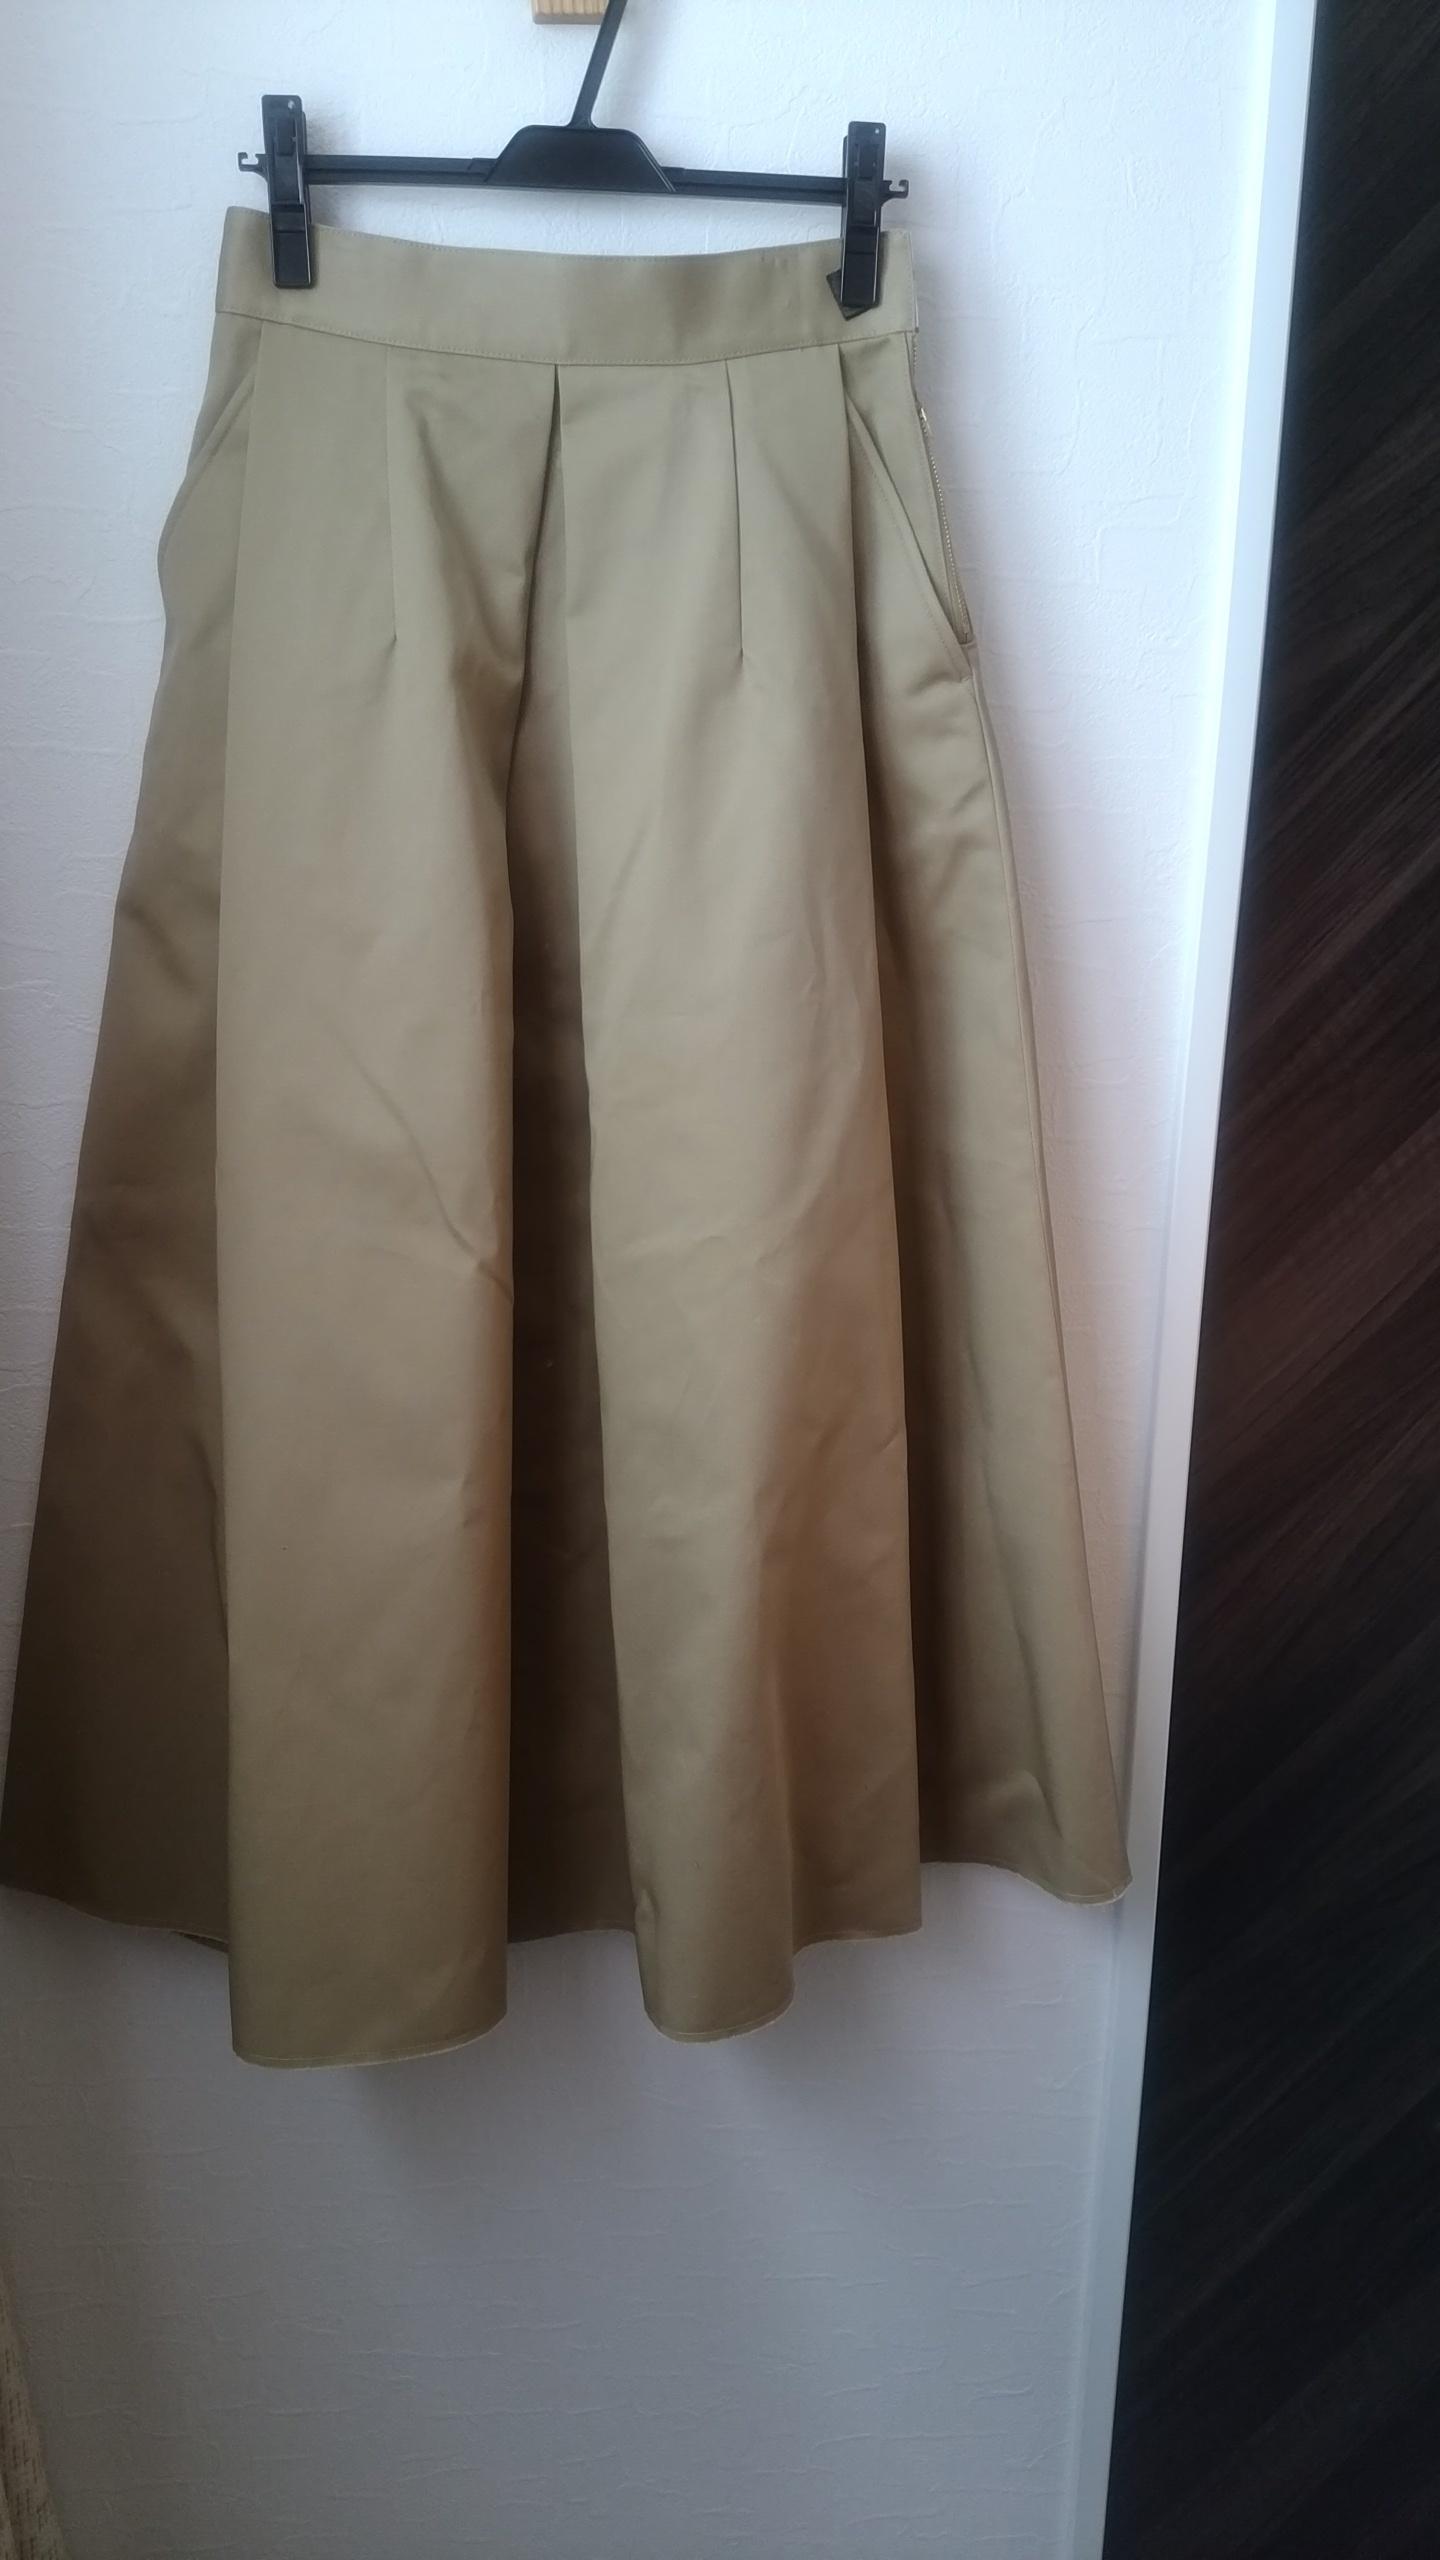 私の春はチノスカートとマウンテンパーカーで☆_1_1